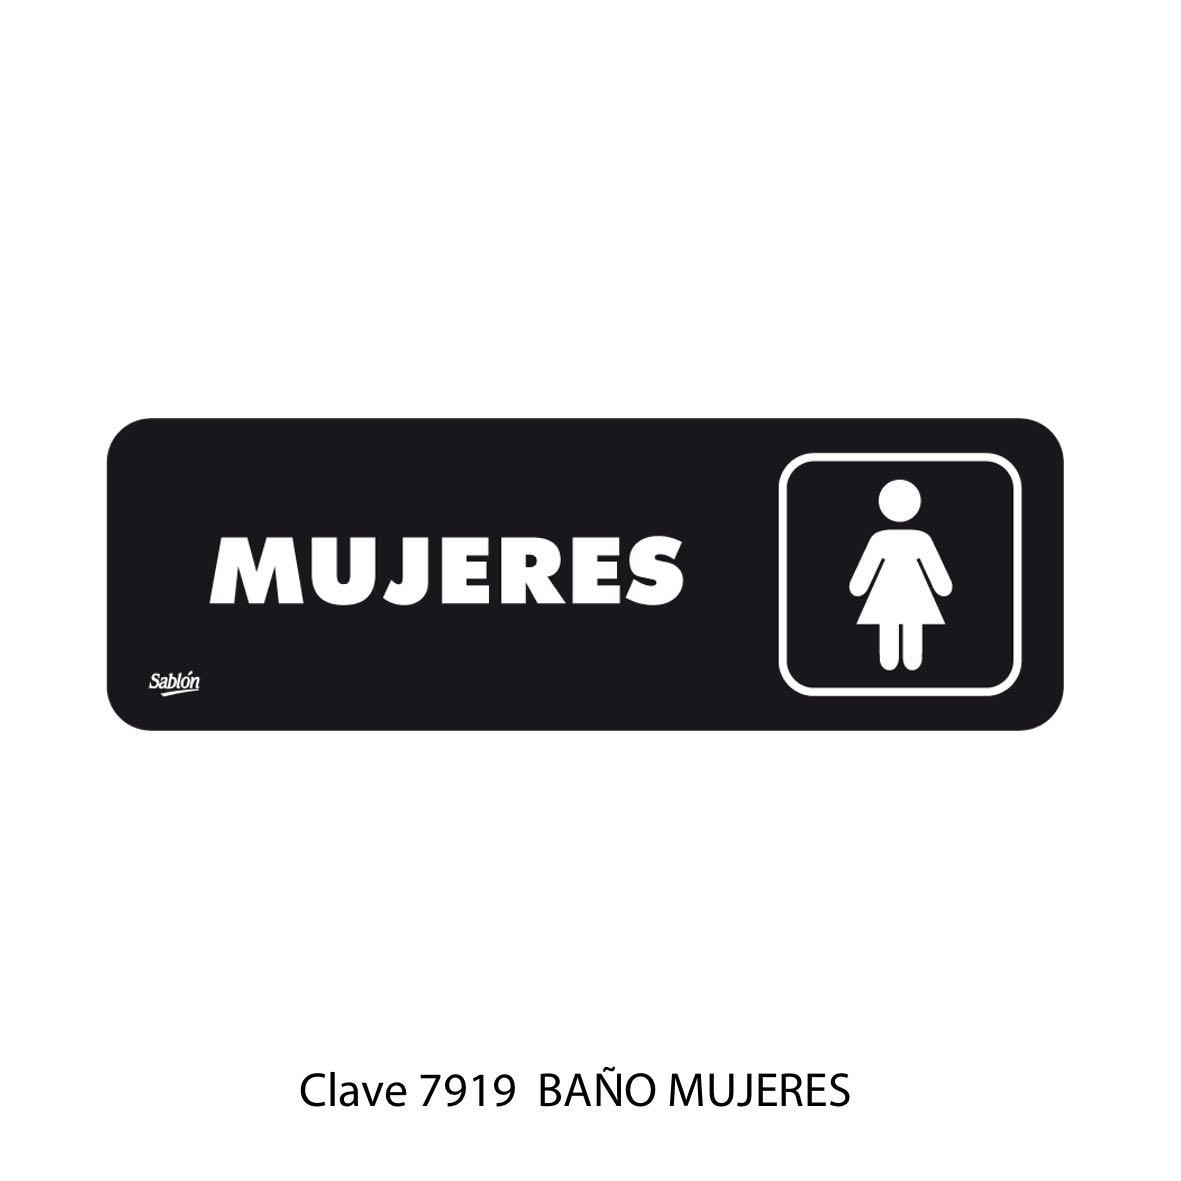 Señal Baño Mujeres Modelo 7919 - Sablón